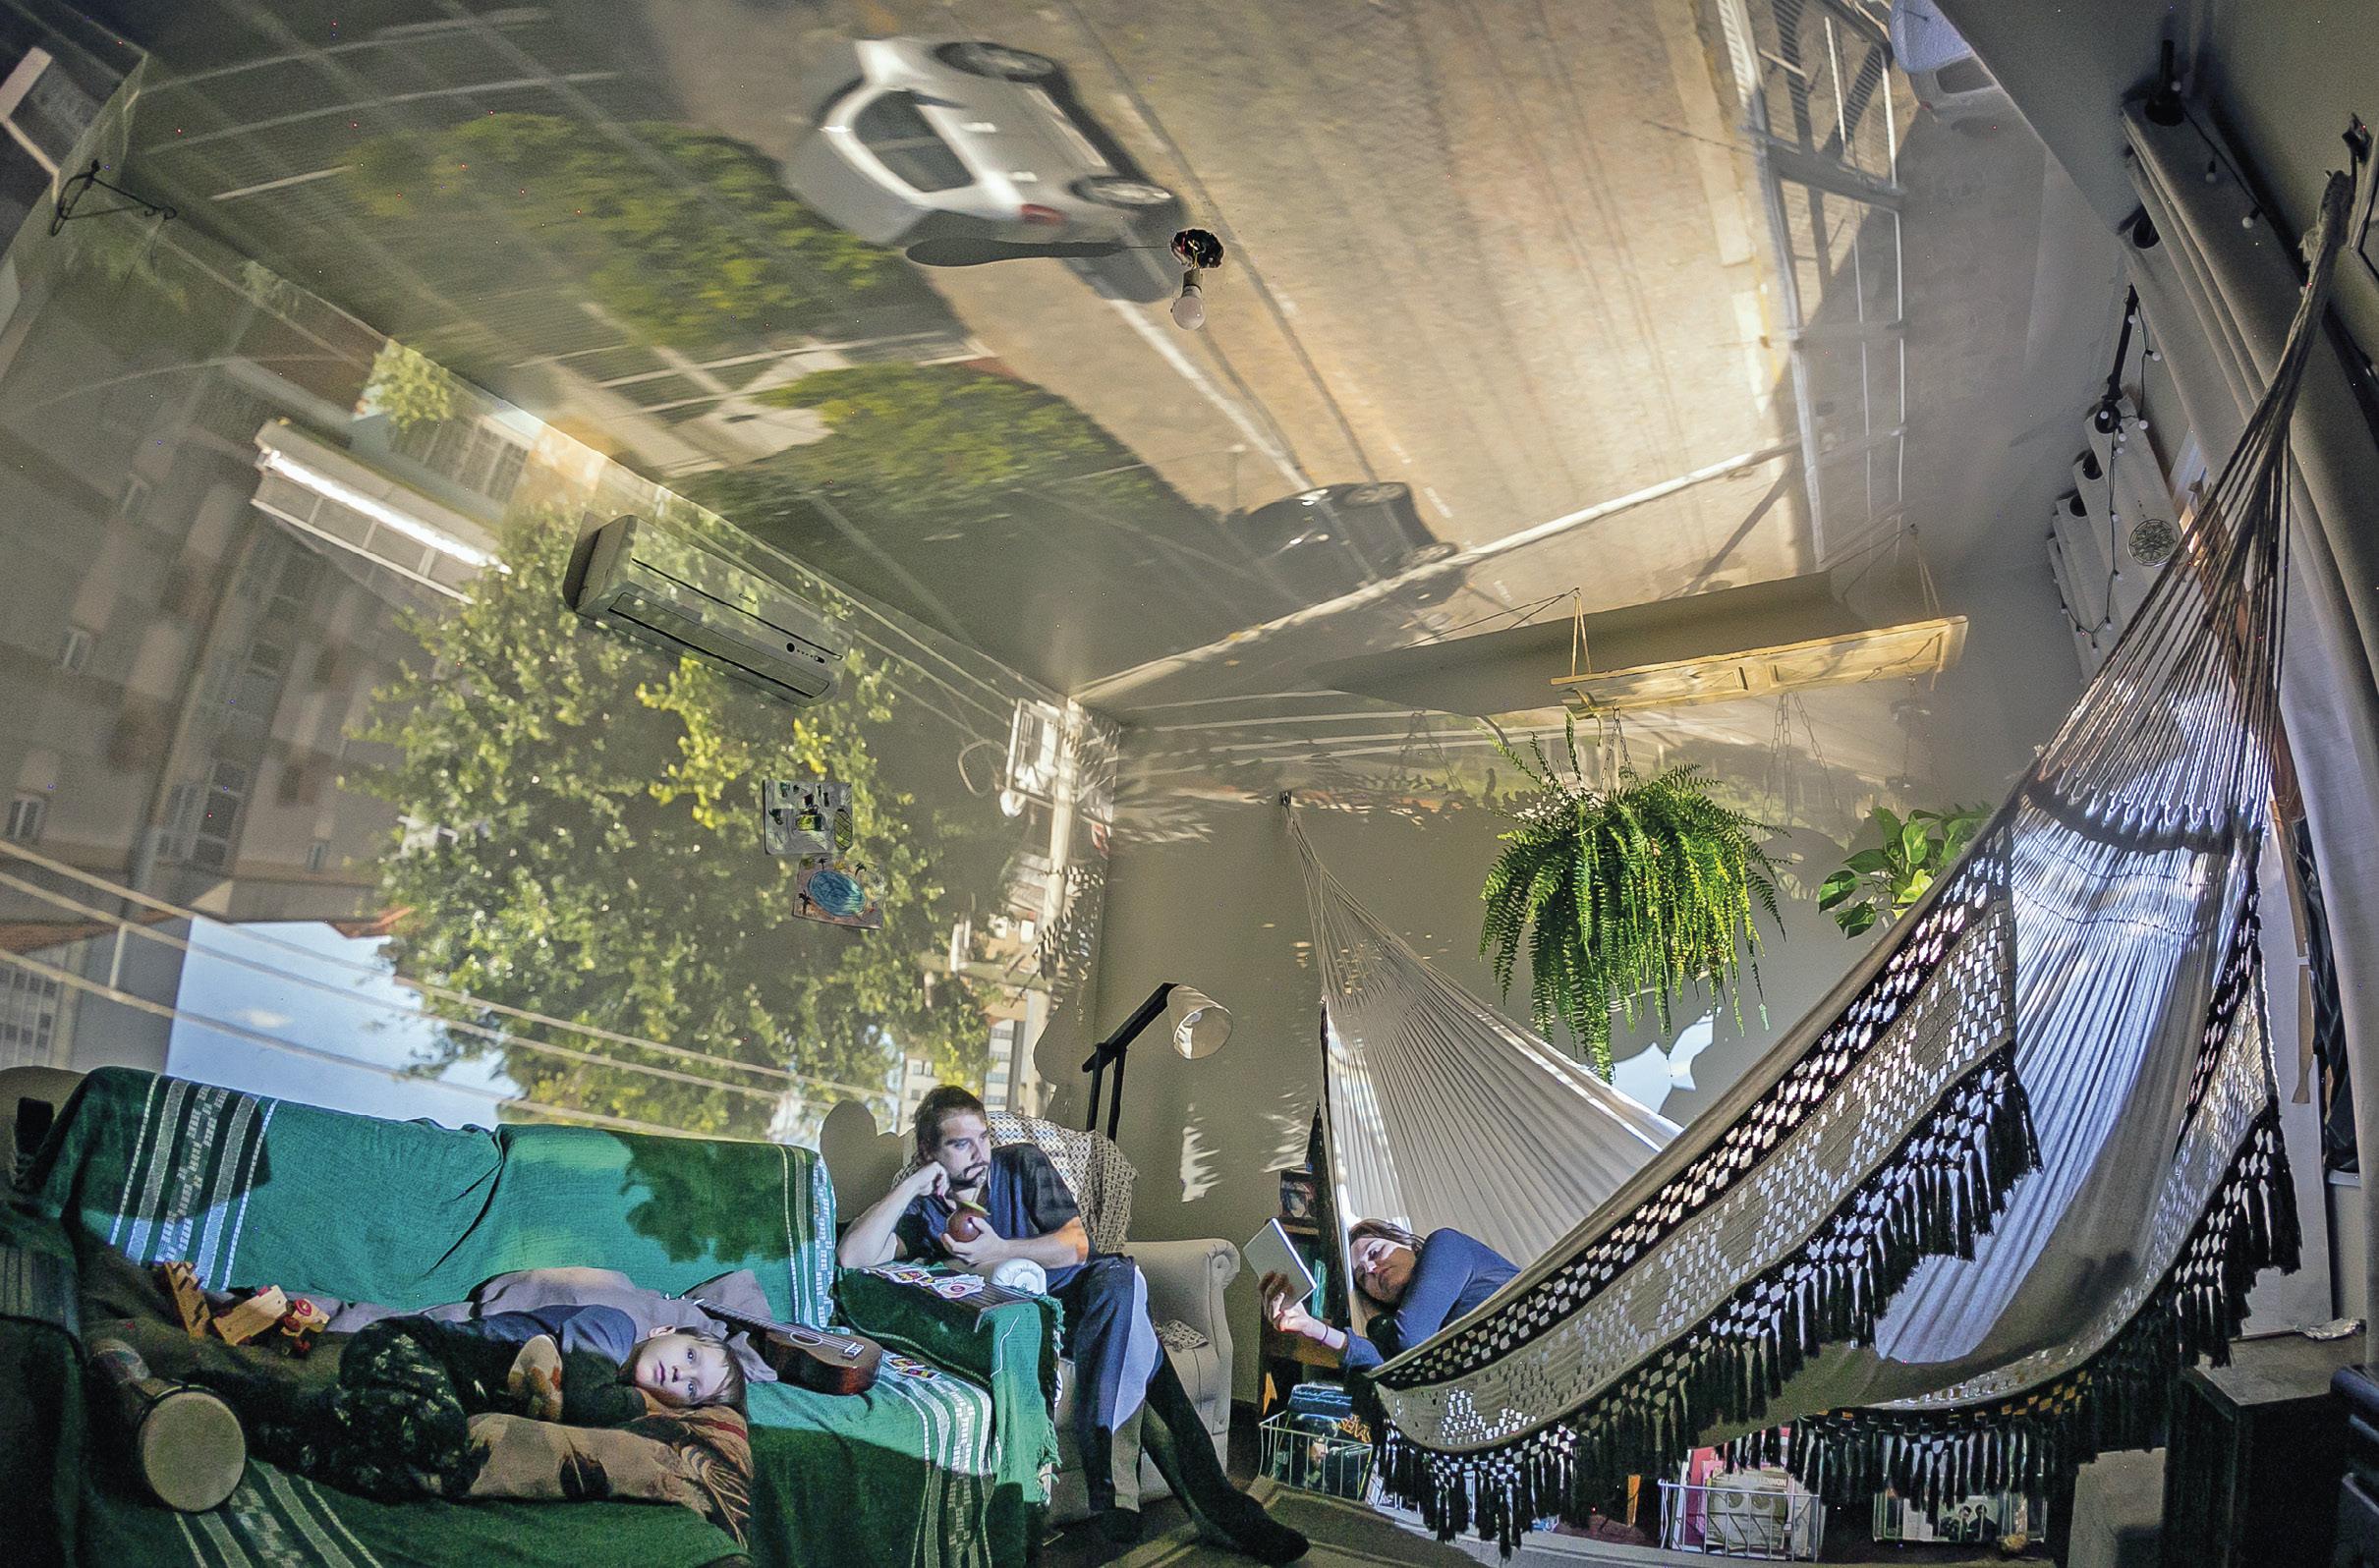 Fotografia do confinamento no Brasil - projeto câmara escura, Brasil, 3 maio 2020. EPA | Guilherme Santos.